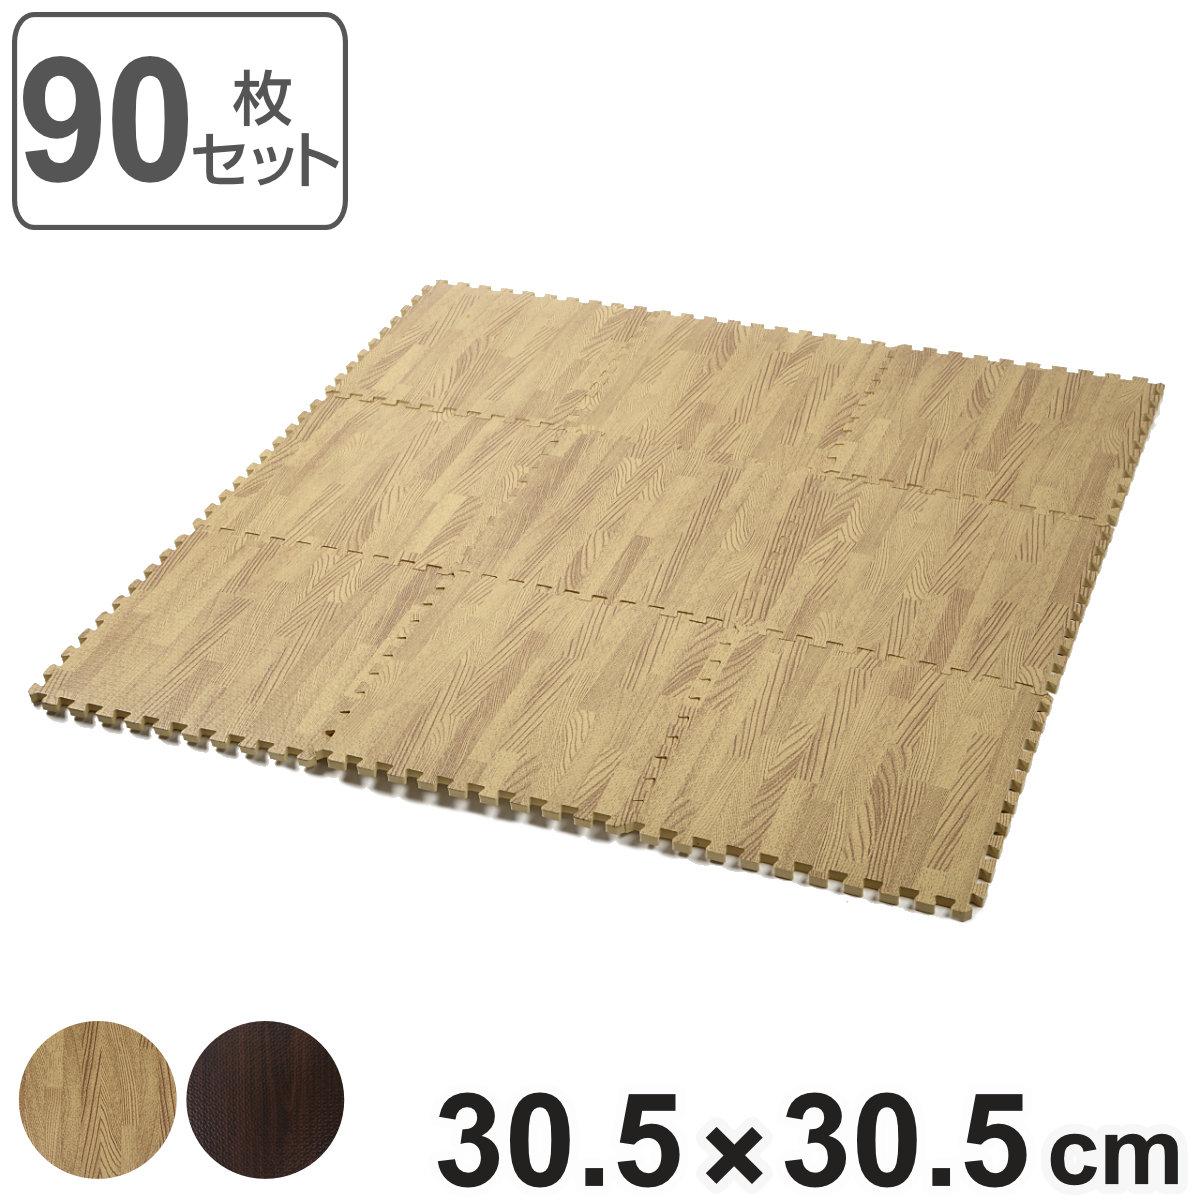 ジョイントマット 木目調 90枚入り 厚さ1cm ( 送料無料 木目 マット ジョイント パズルマット 30cm 北欧 フロアマット フローリング クッションマット プレイマット )